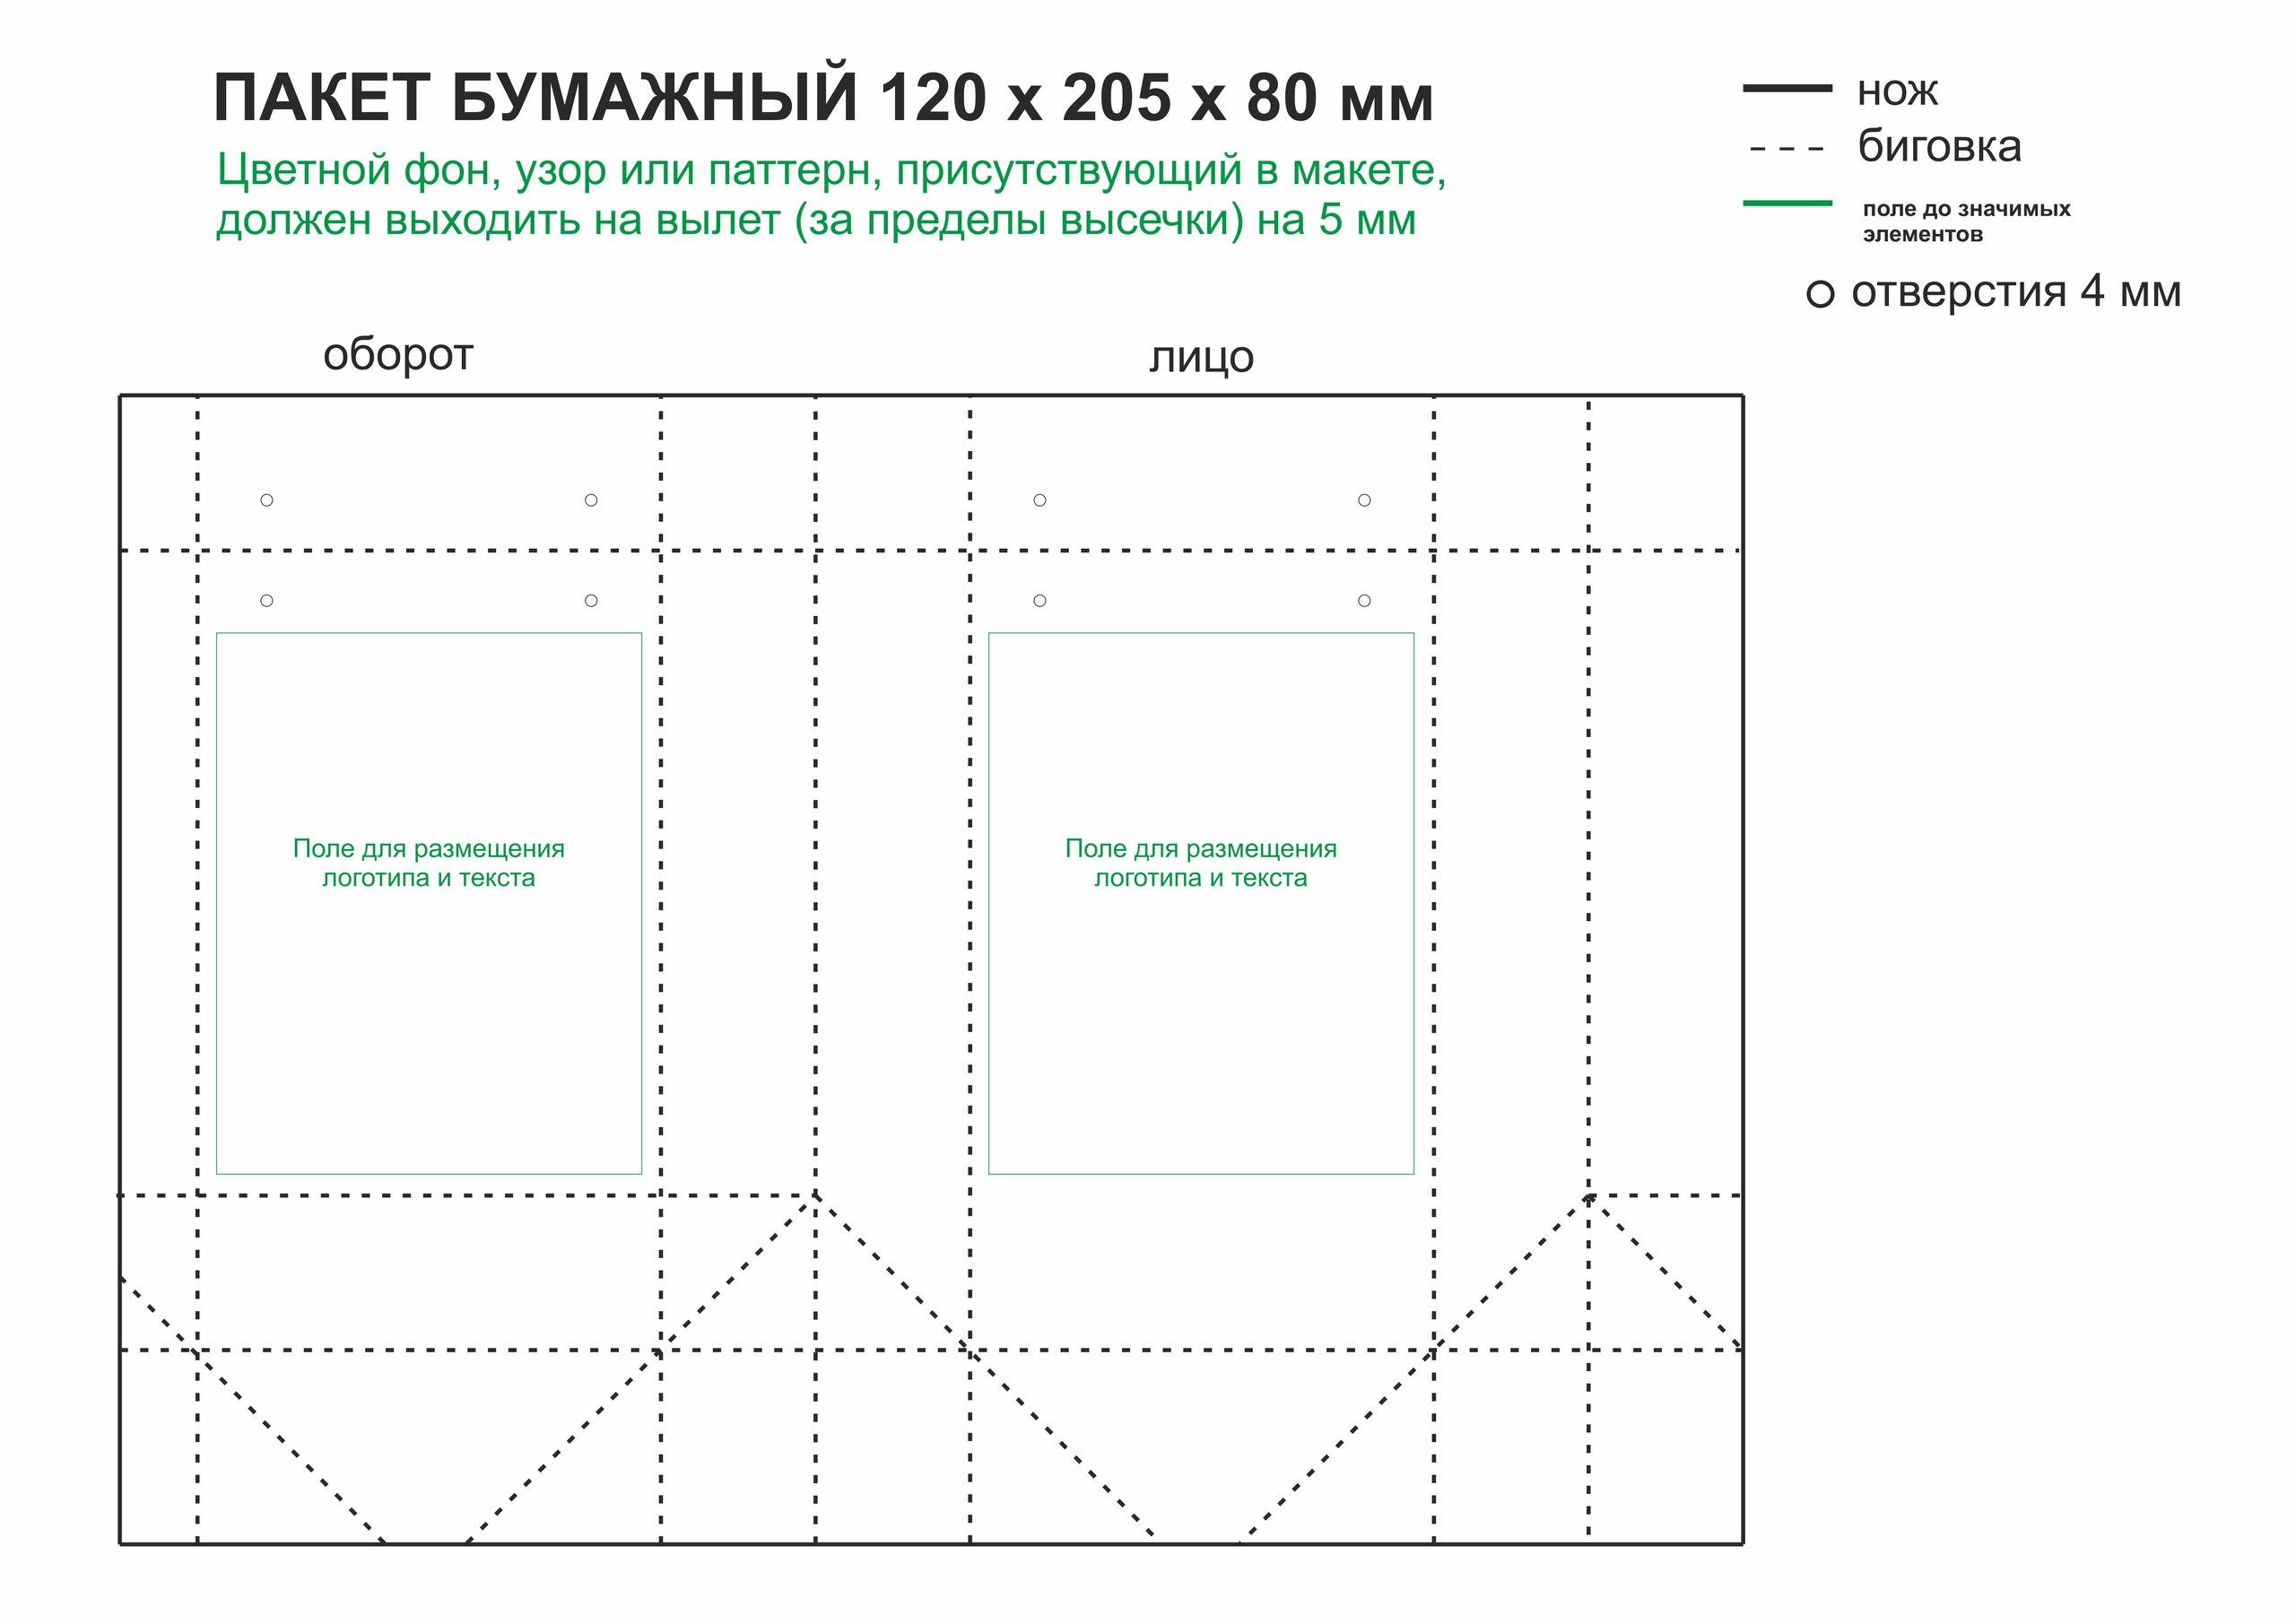 Требования к макету для печати на бумажных пакетах